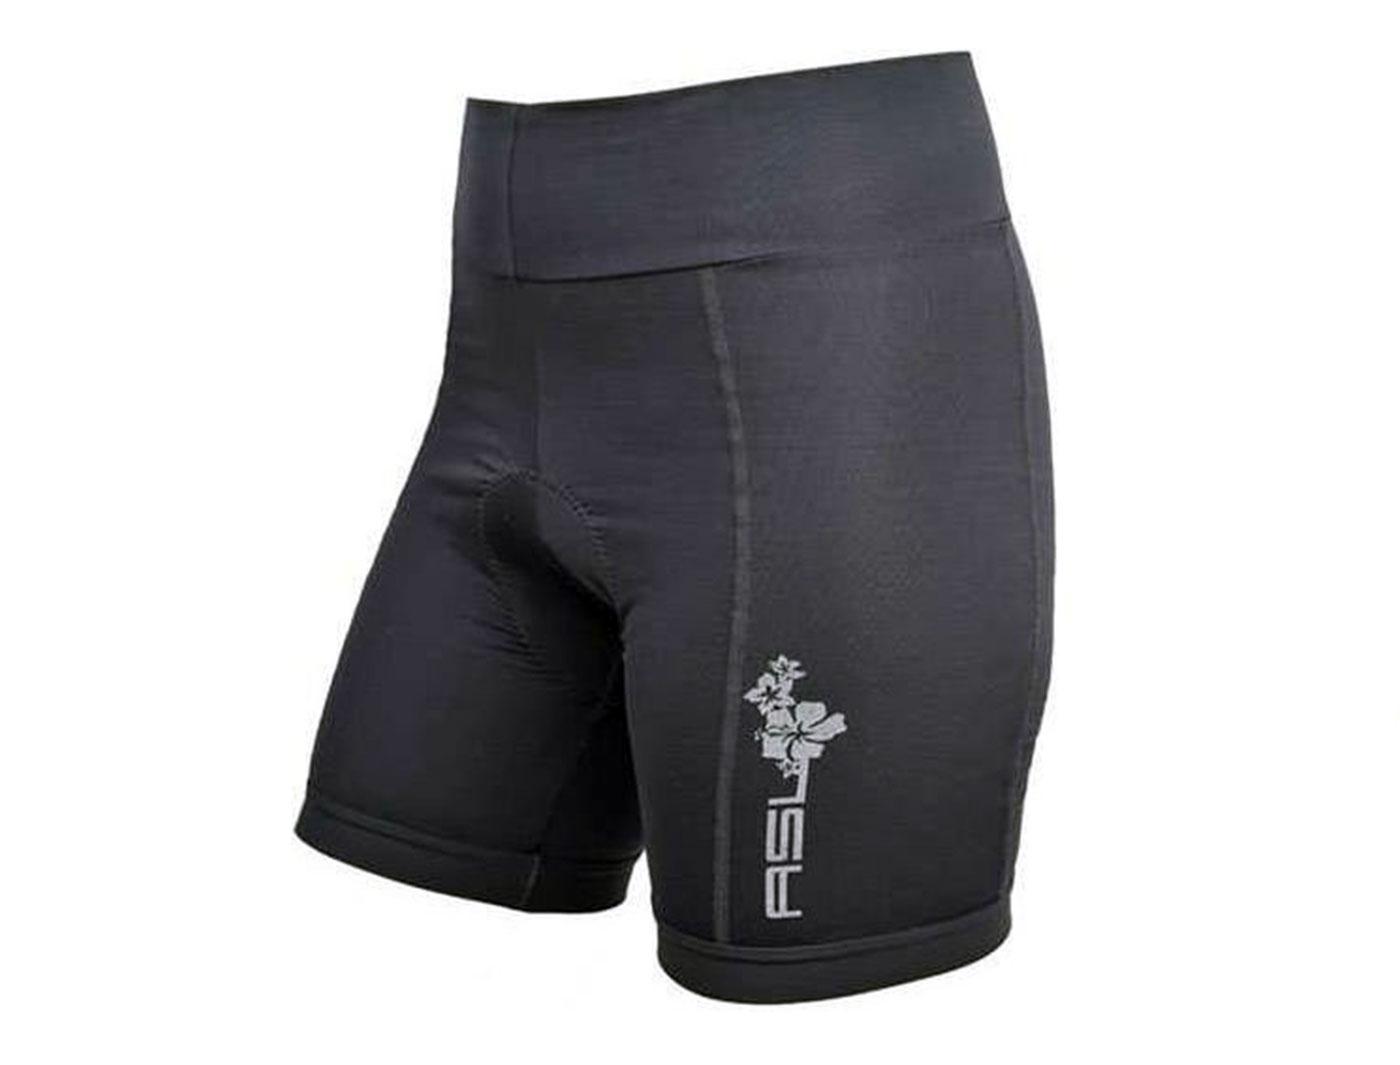 Велошорты AUTHOR женские ASL-4 Comfort Pas Crn с памперсом широк. пояс (Черные)